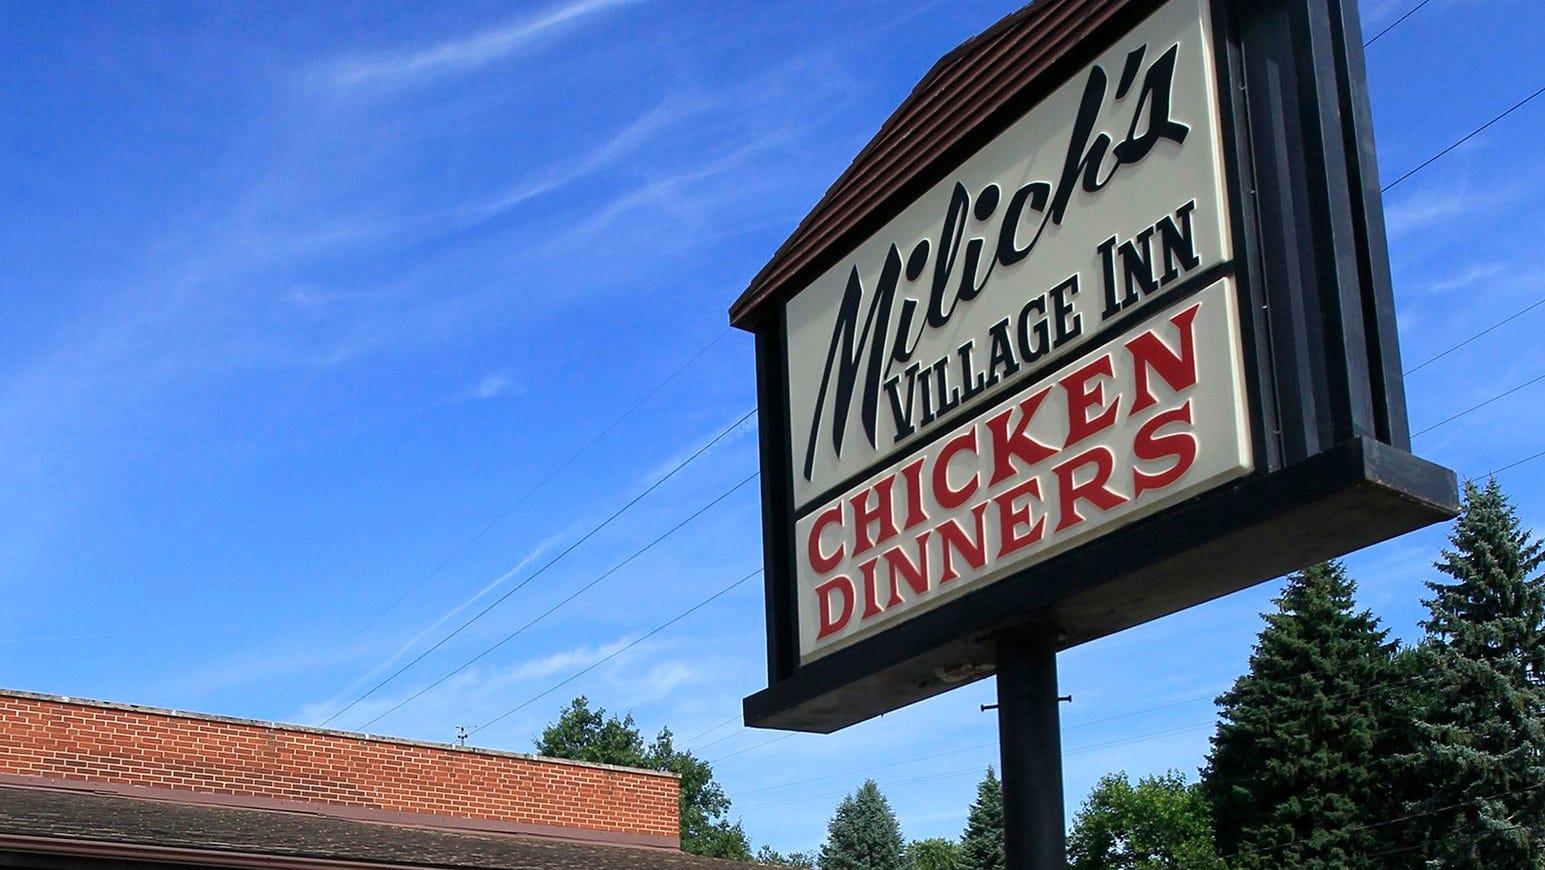 village inn chicken